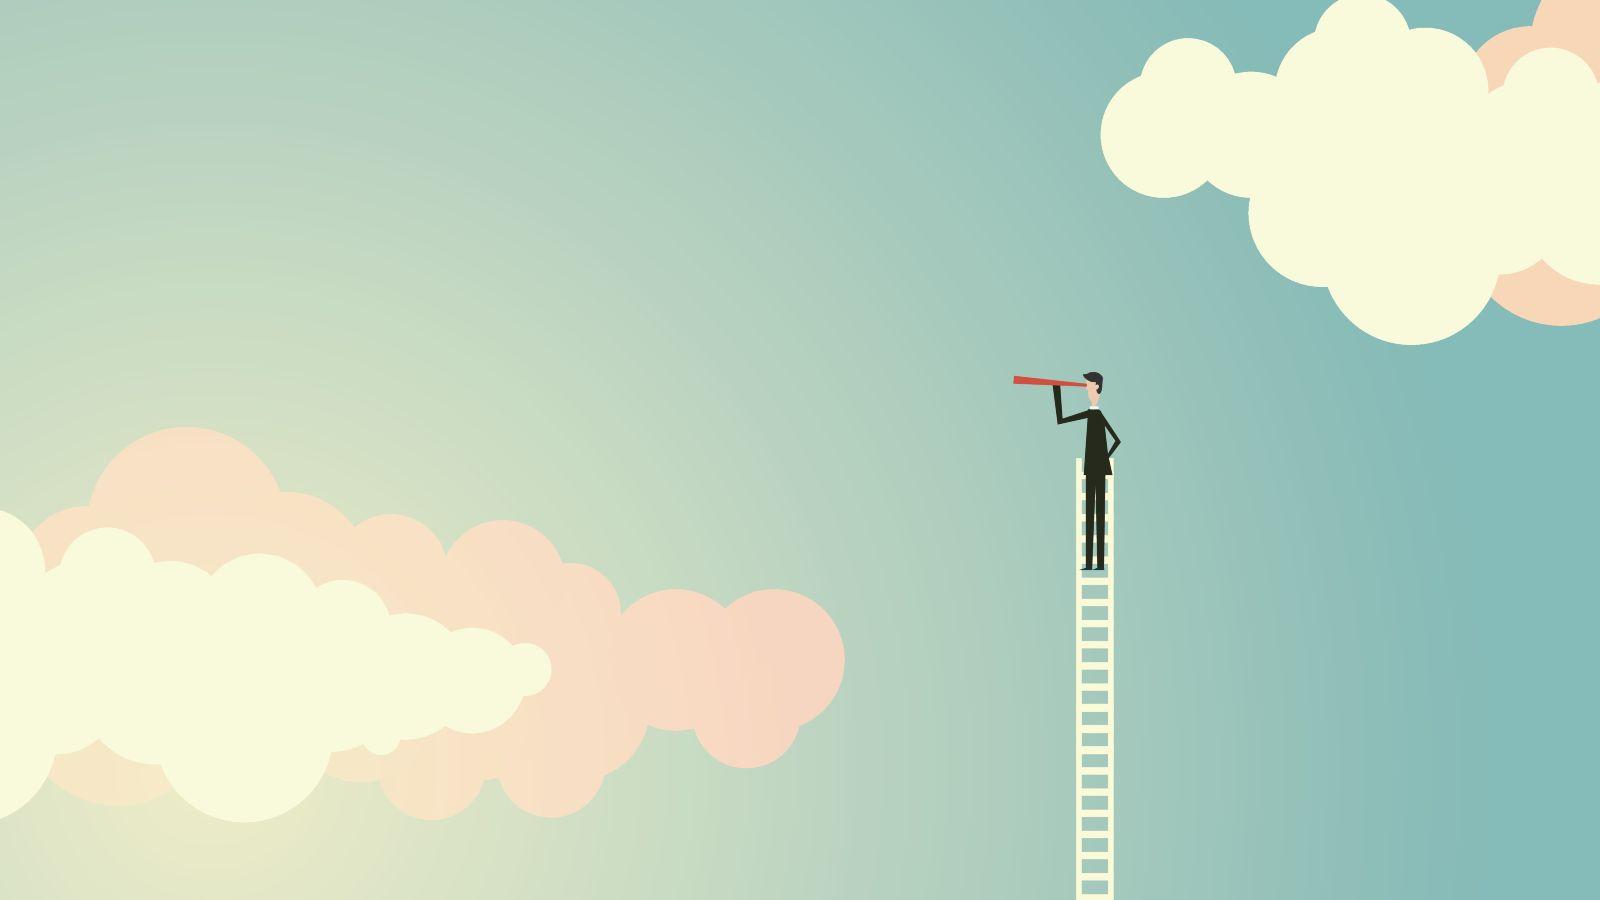 Das Bild ist eine Zeichnung. Sie zeigt einen Mann auf einer Leiter. Die Leiter reicht bis in die Wolken.